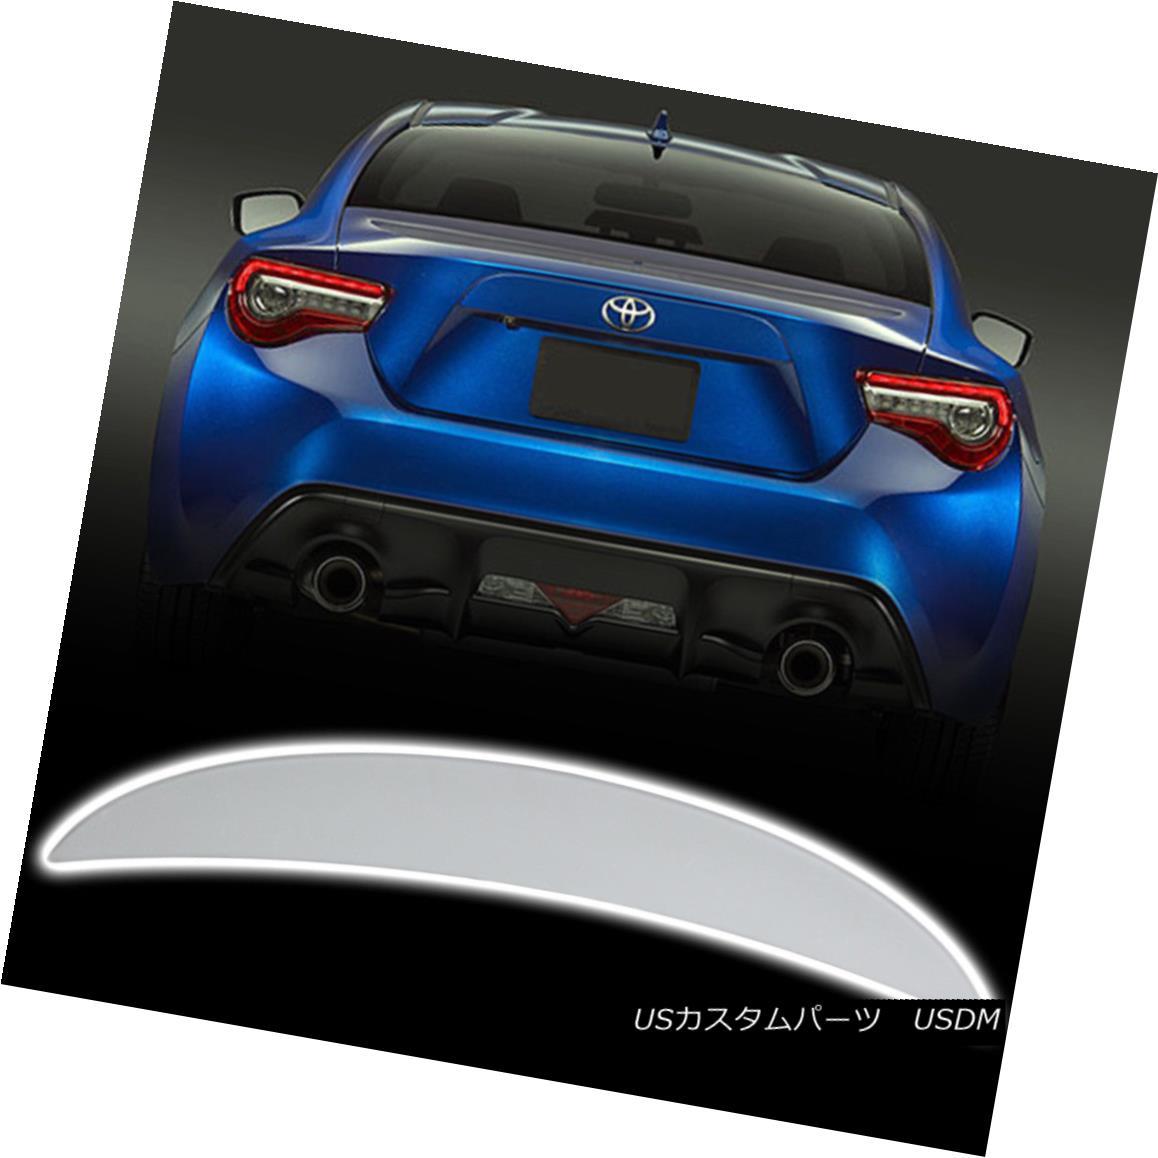 エアロパーツ Painted High Kick P Look Trunk Spoiler For Subaru BRZ / Scion FRS / Toyota GT86 スバルBRZ /サイオンFRS /トヨタGT86用ハイキックPルックルーフスポイラーを塗装